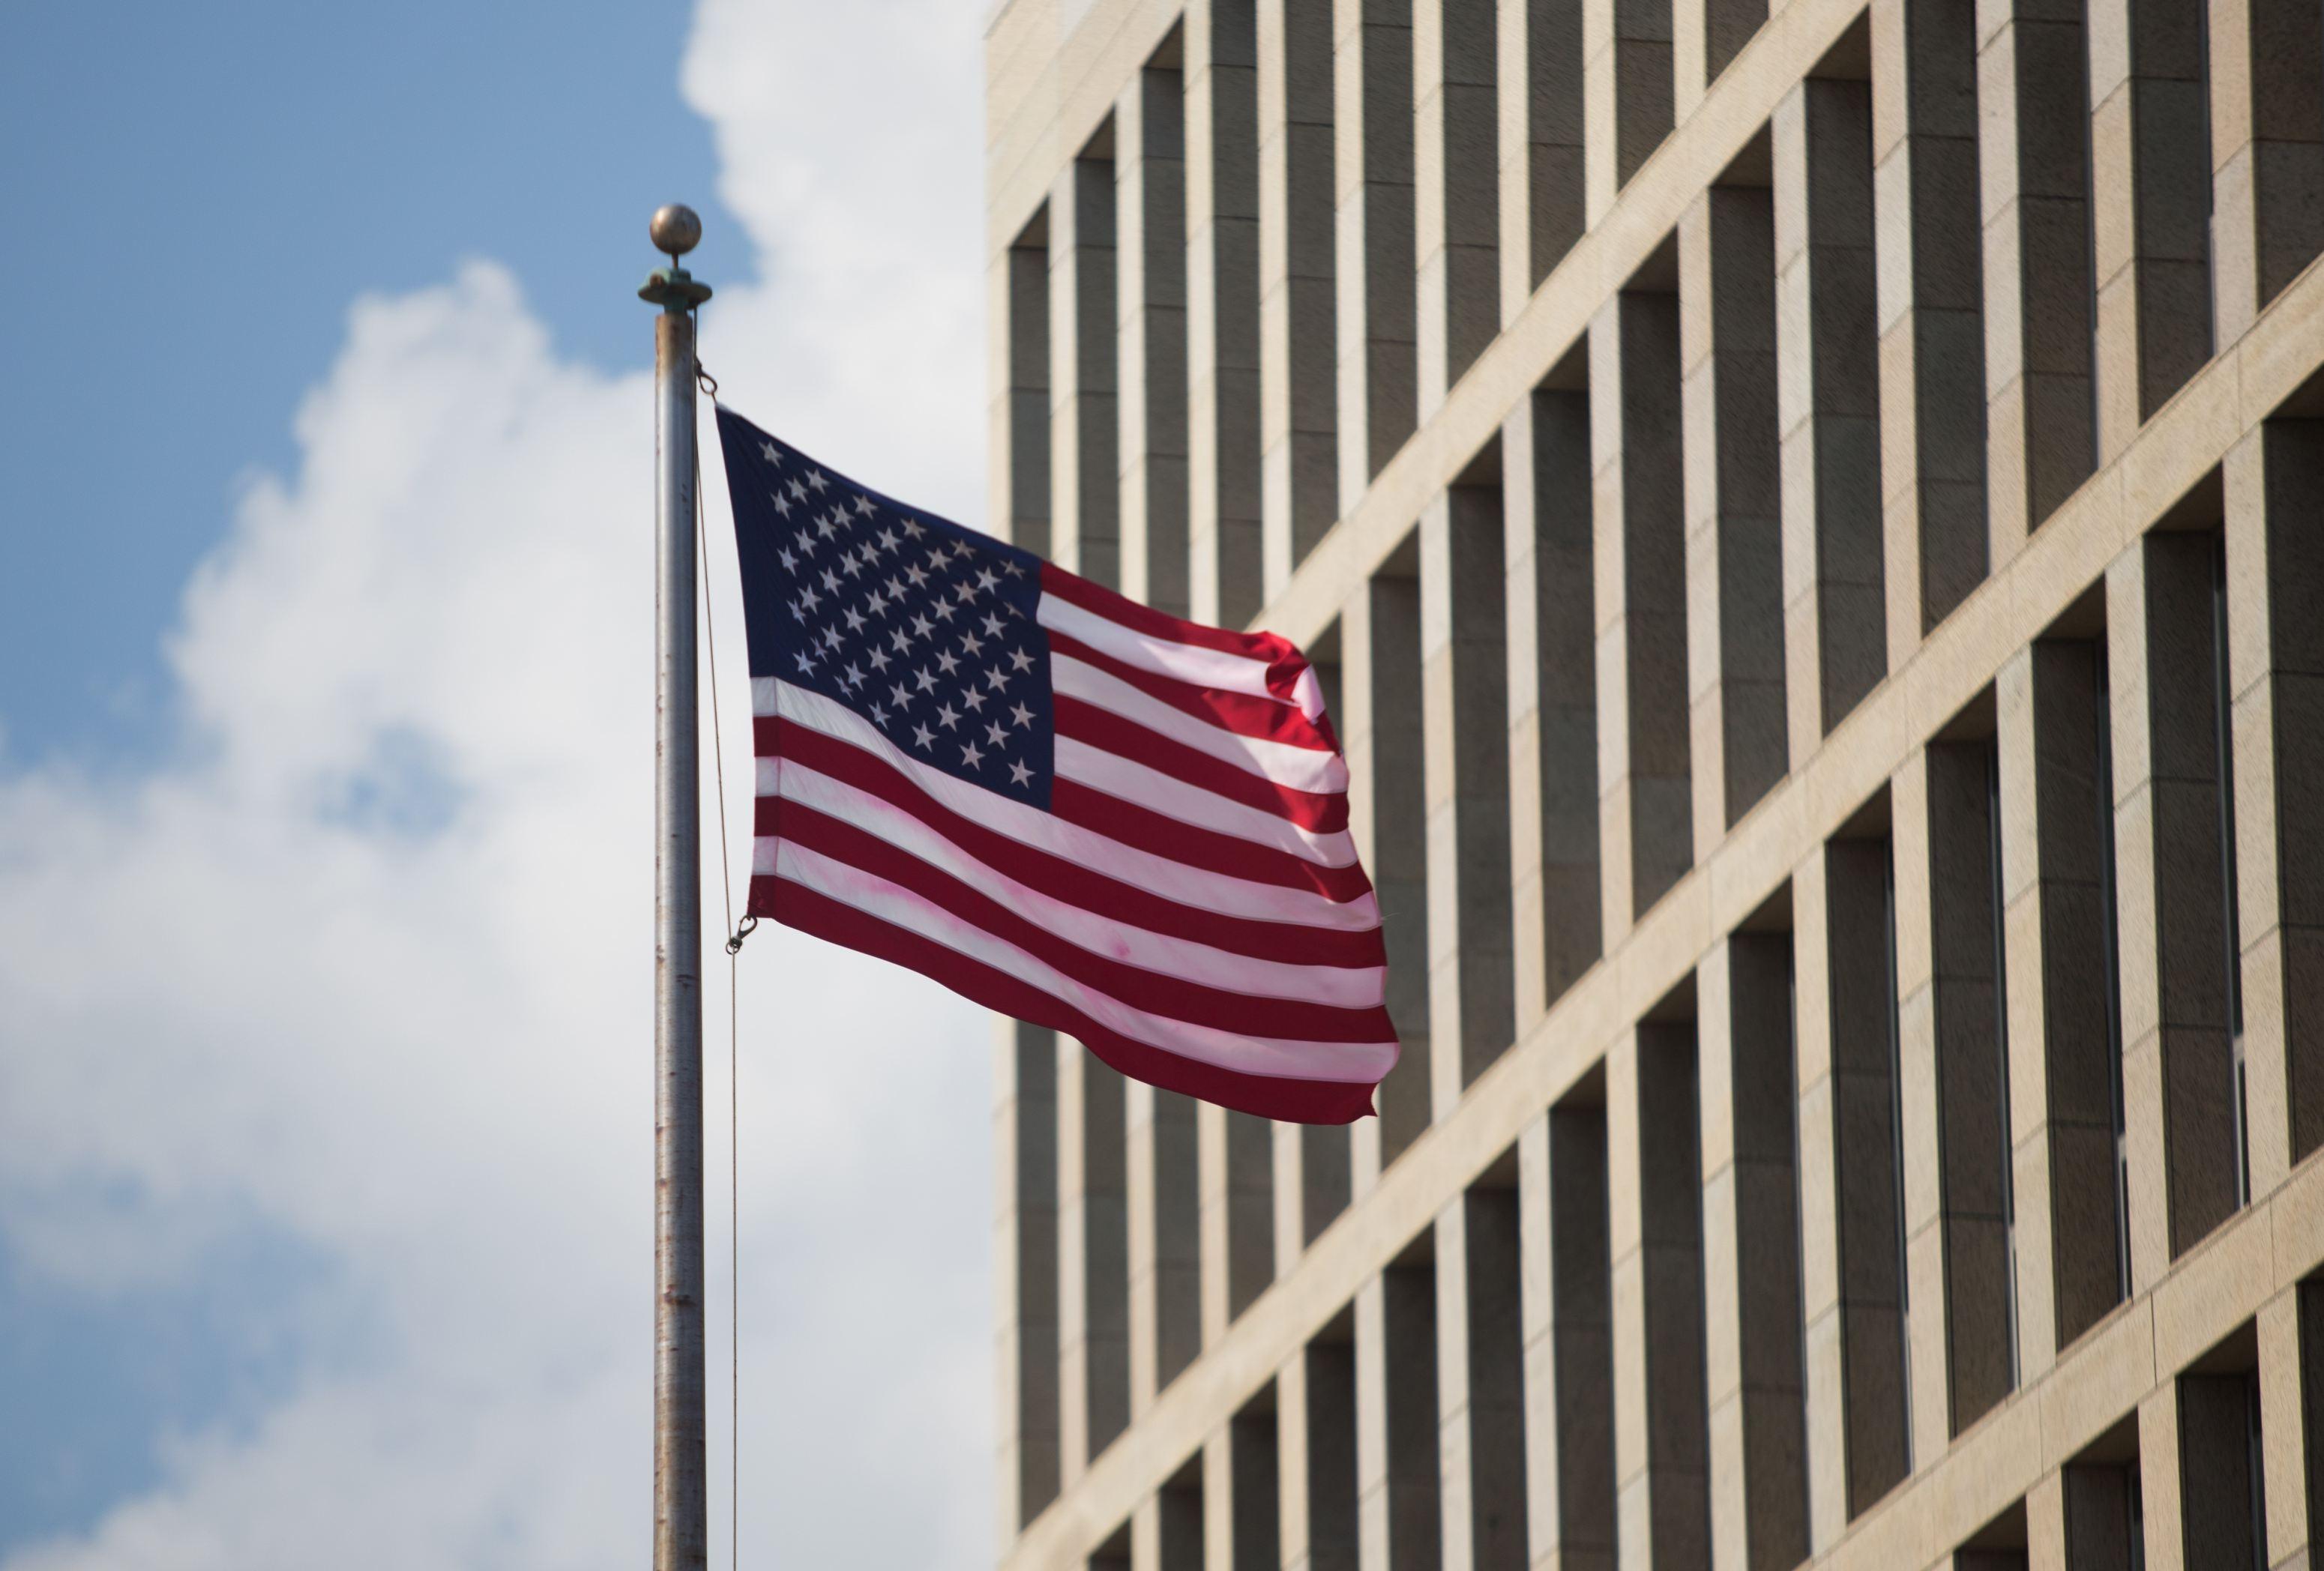 SUA au reluat serviciul de acordare a vizelor în Turcia, pe fondul tensiunilor diplomatice dintre cele două state